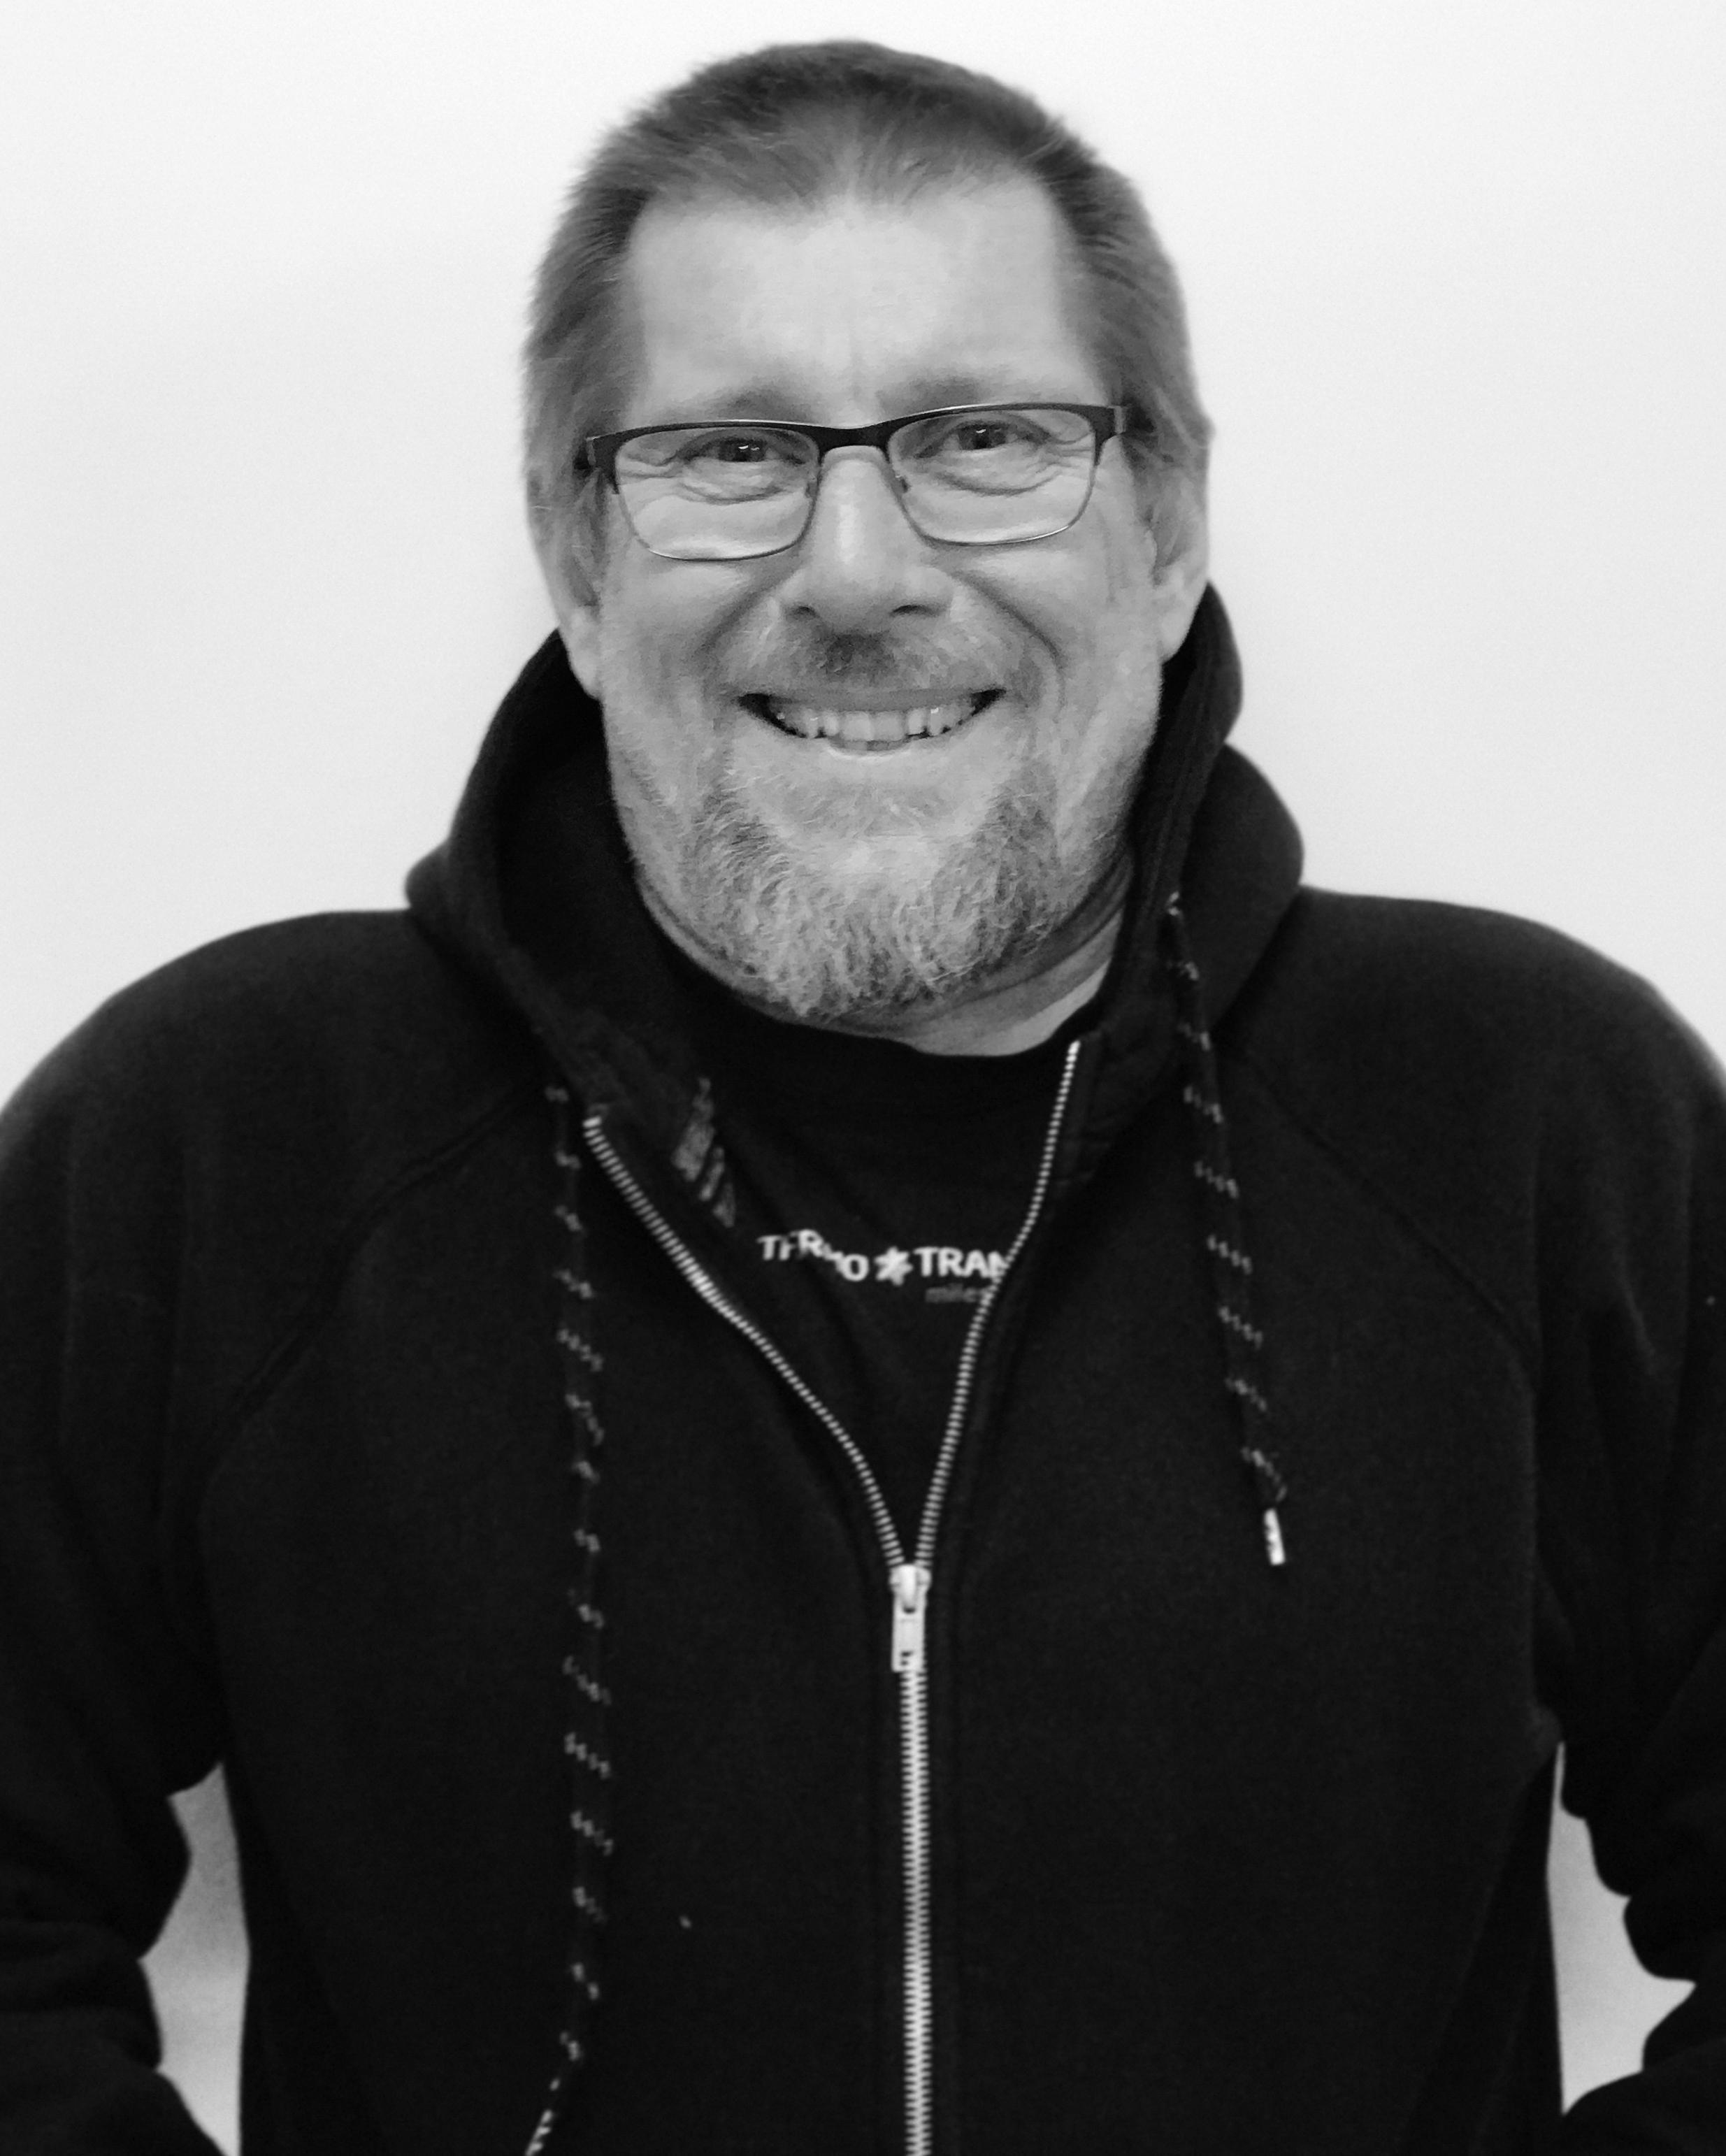 Joe Hallberg